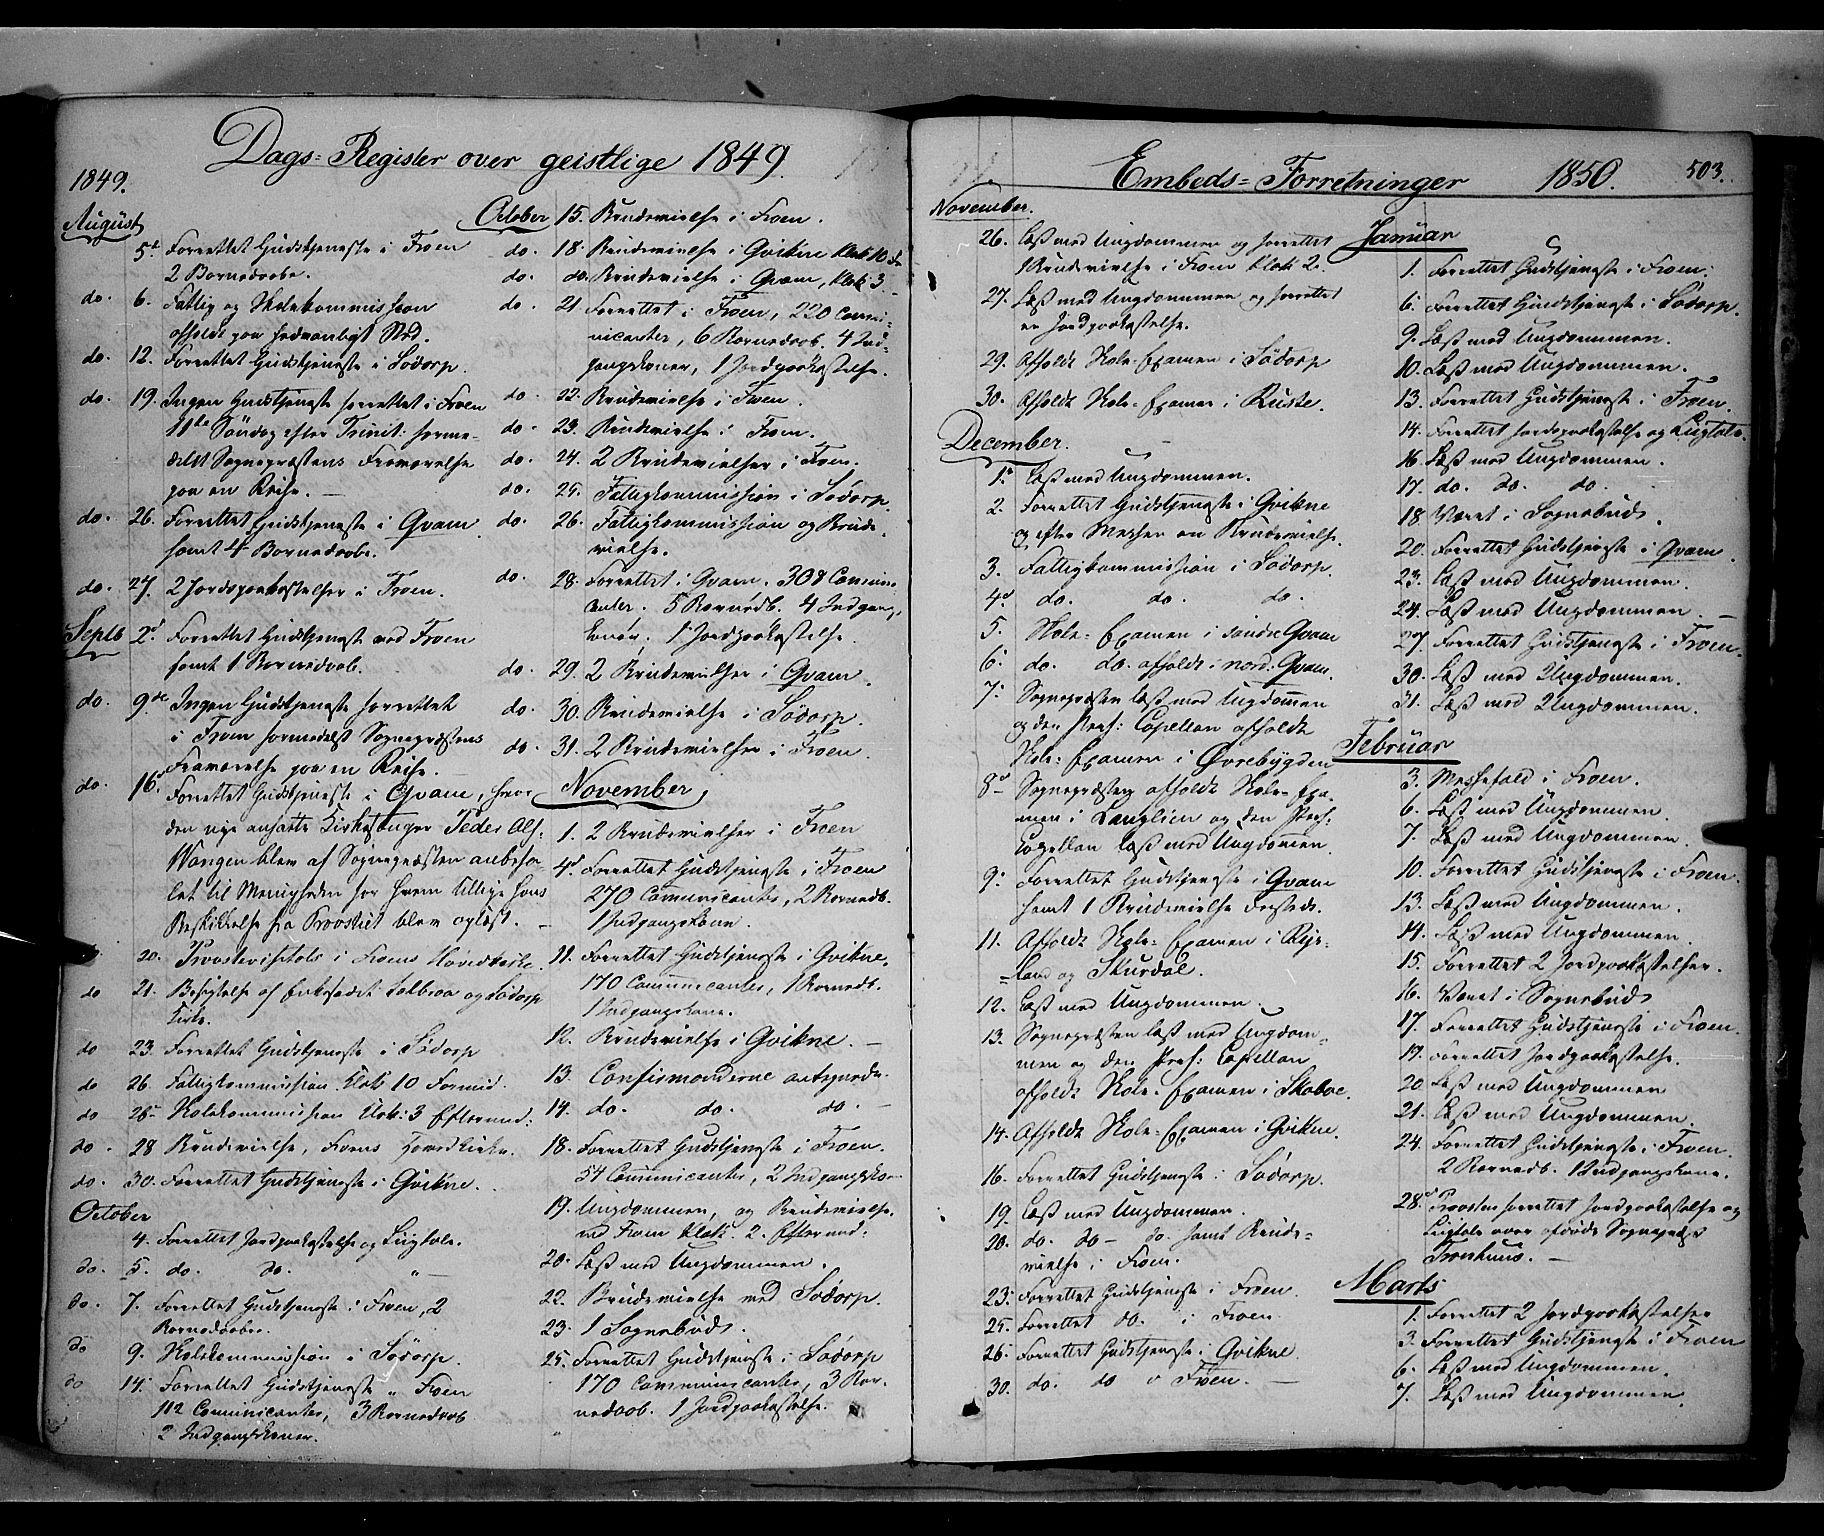 SAH, Sør-Fron prestekontor, H/Ha/Haa/L0001: Ministerialbok nr. 1, 1849-1863, s. 503